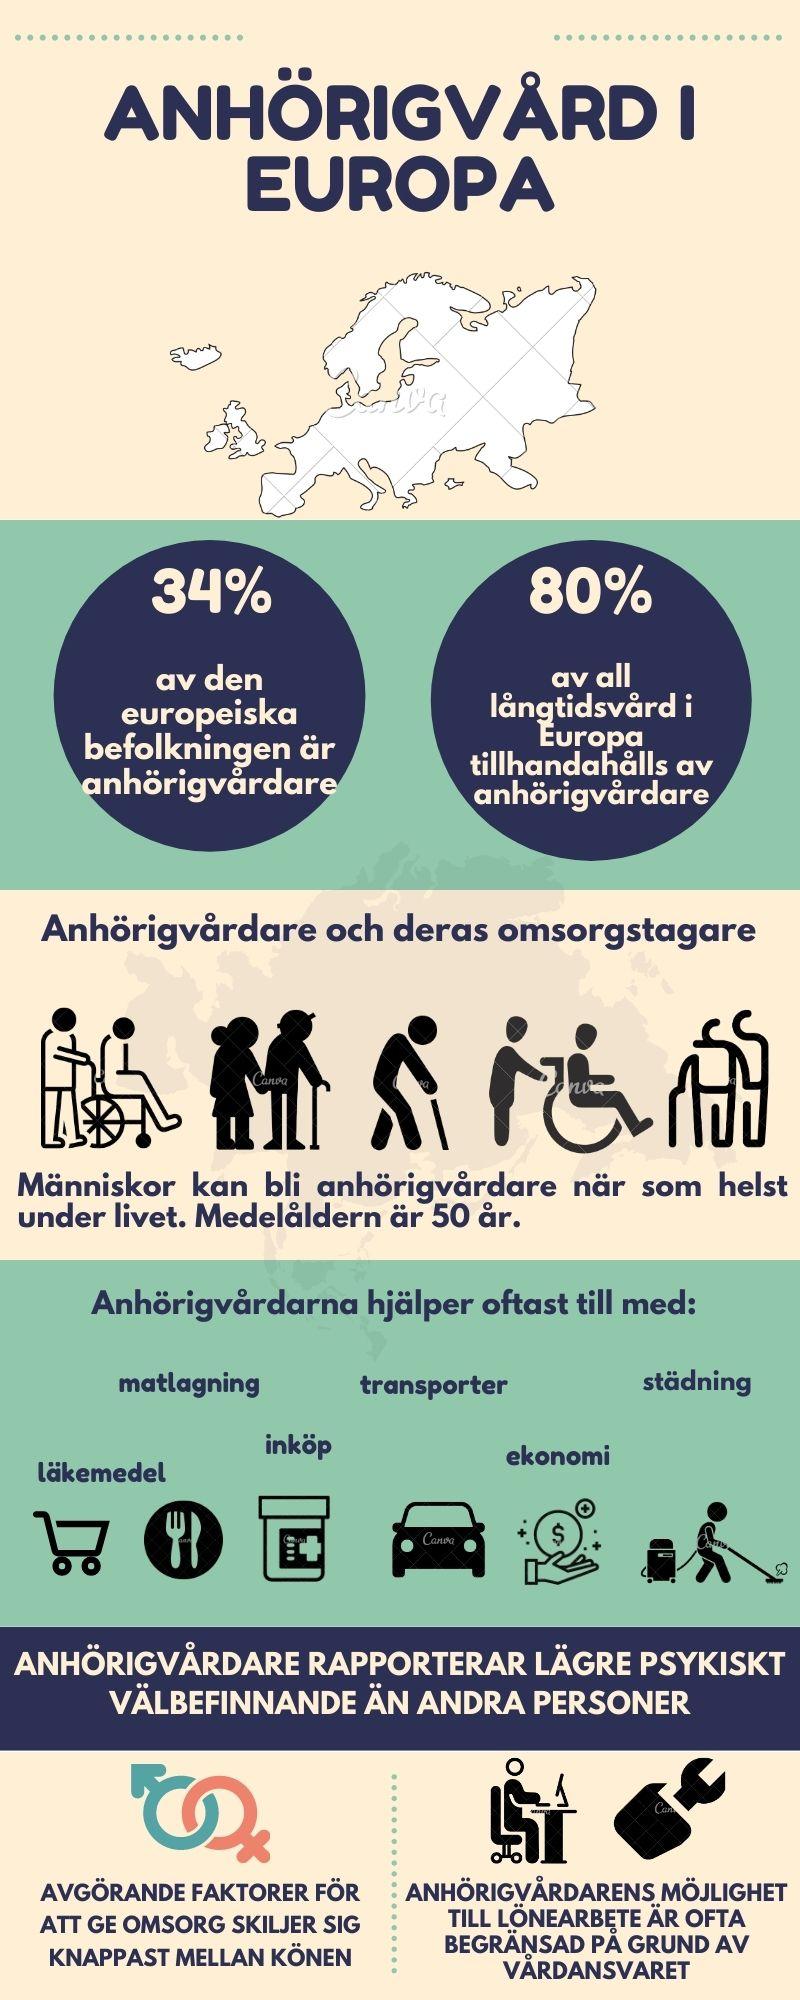 Informal Care_SVE